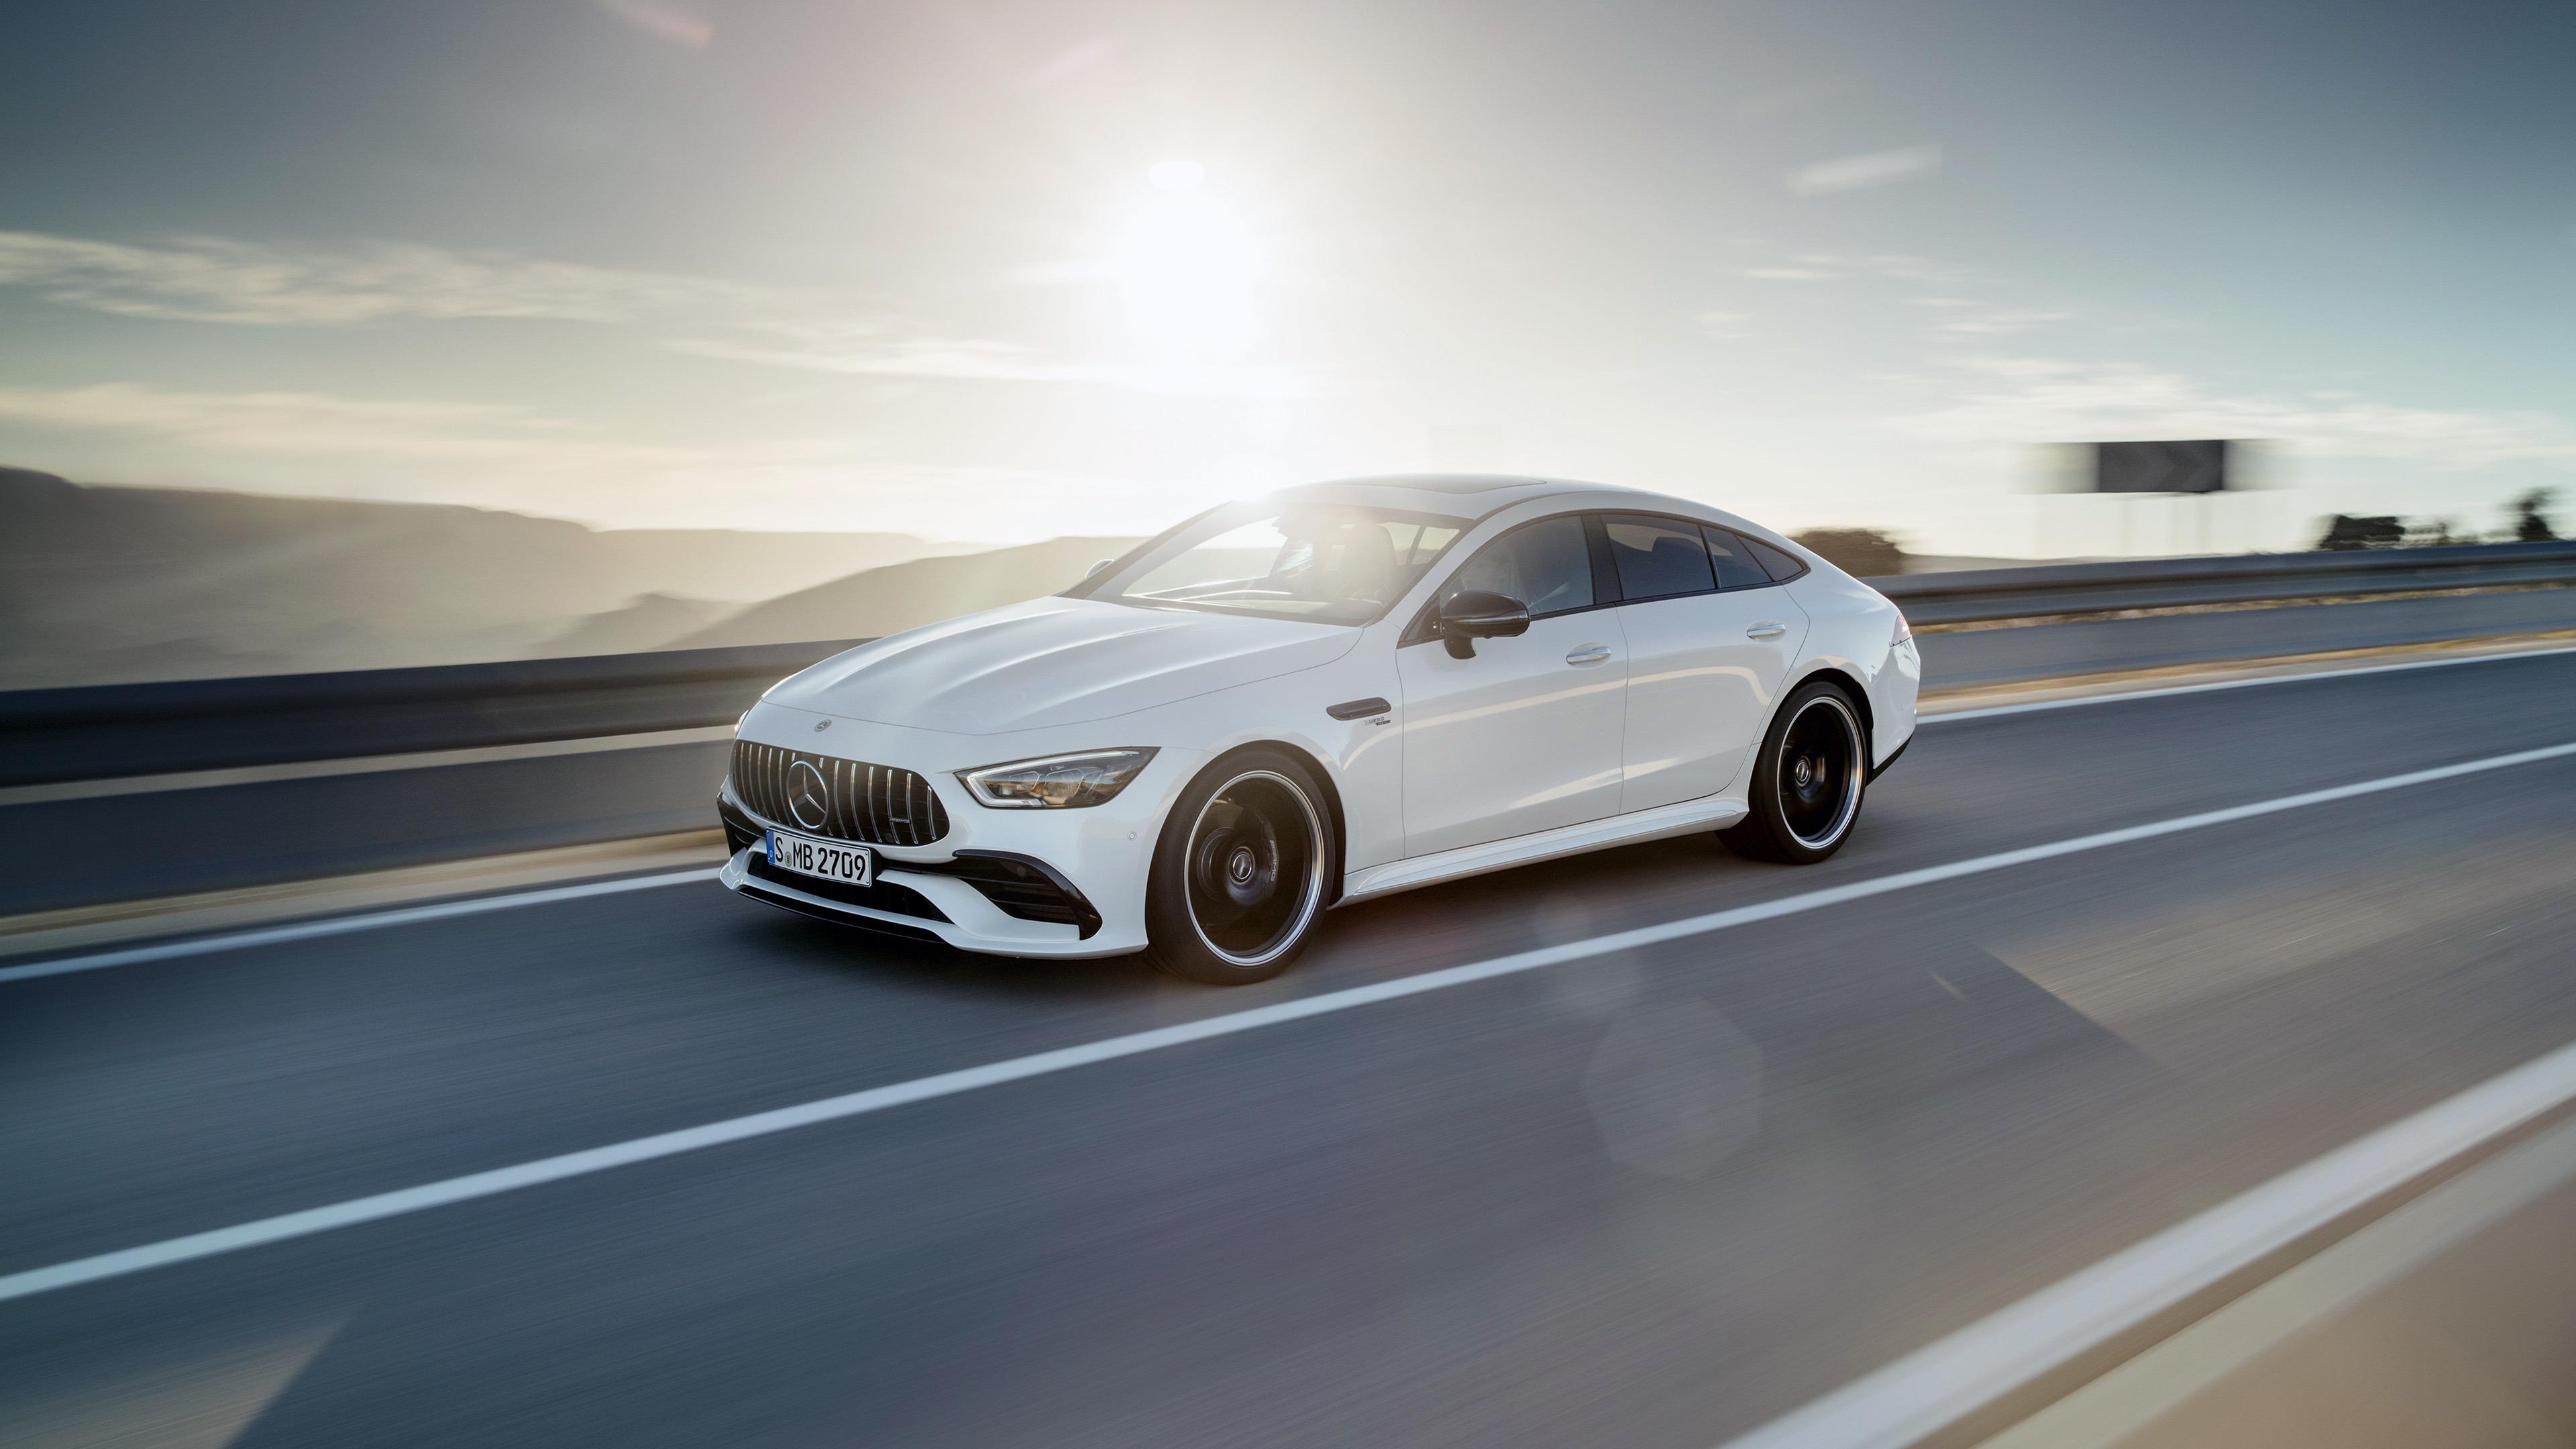 2019,梅赛德斯 - 奔驰,AMG GT 43,白,照片预览 | 10wallpaper.com